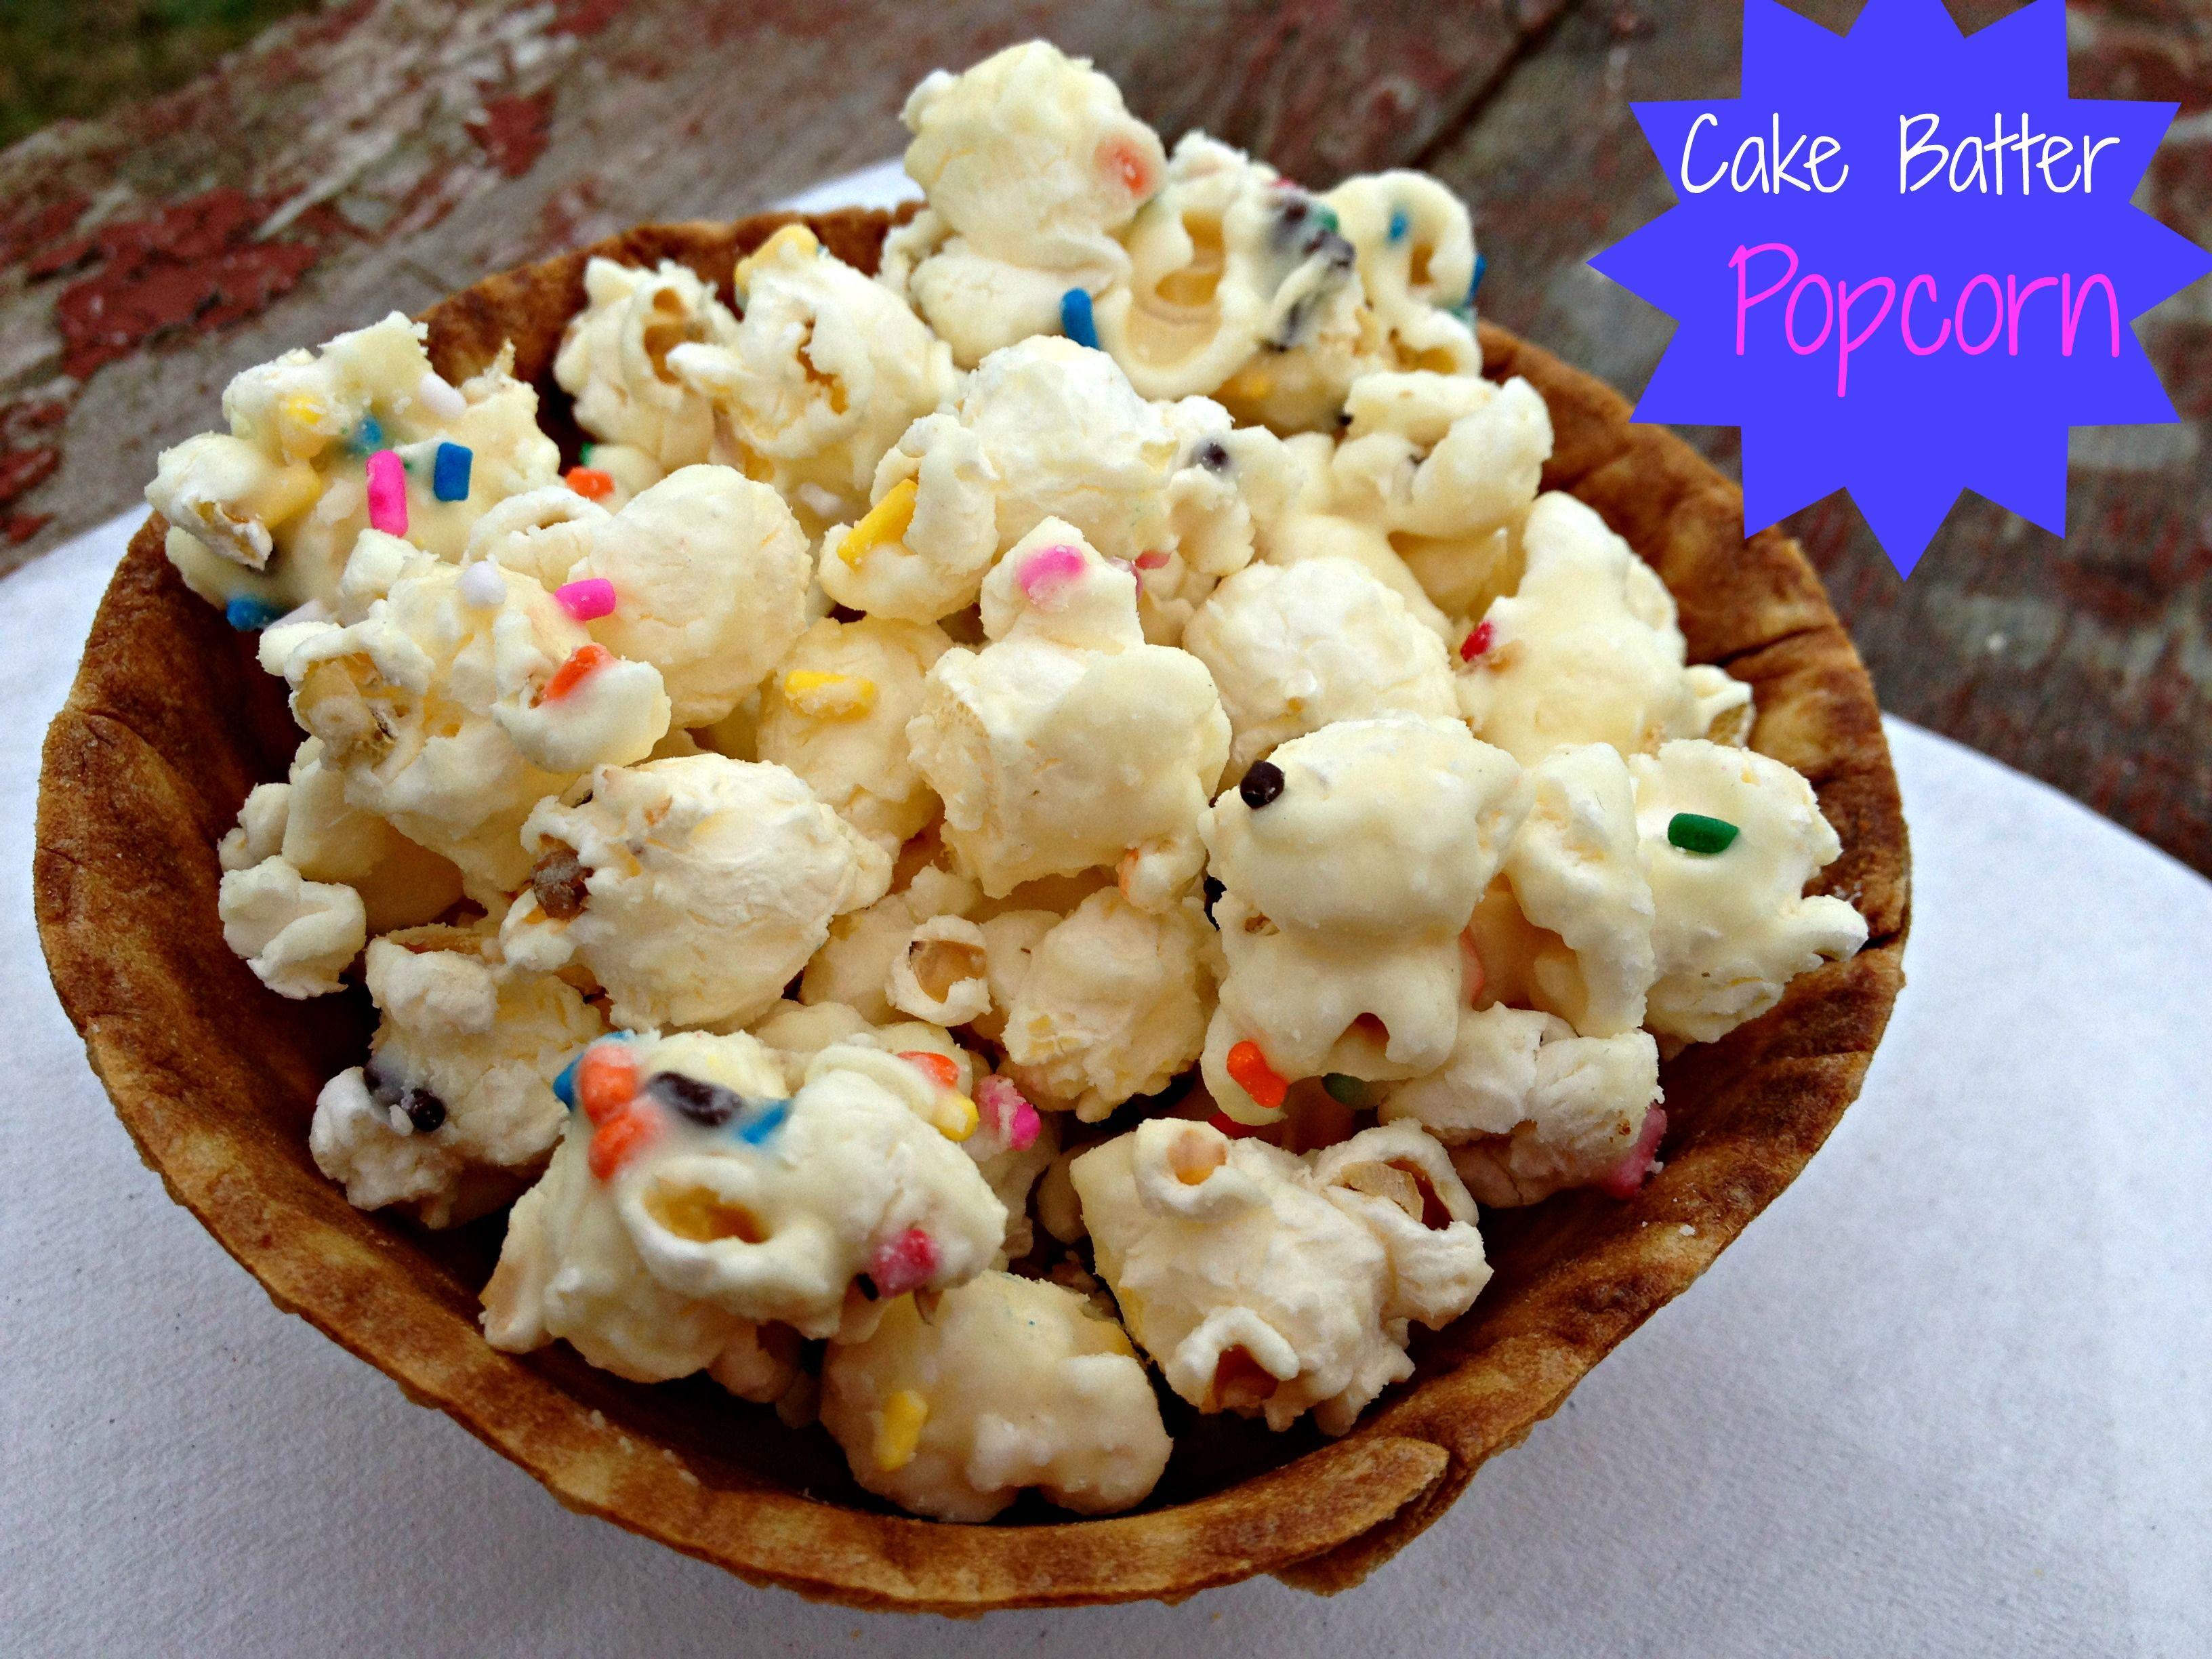 Sweet & Yummy Cake Batter Popcorn Treats | Pastella per dolci ...